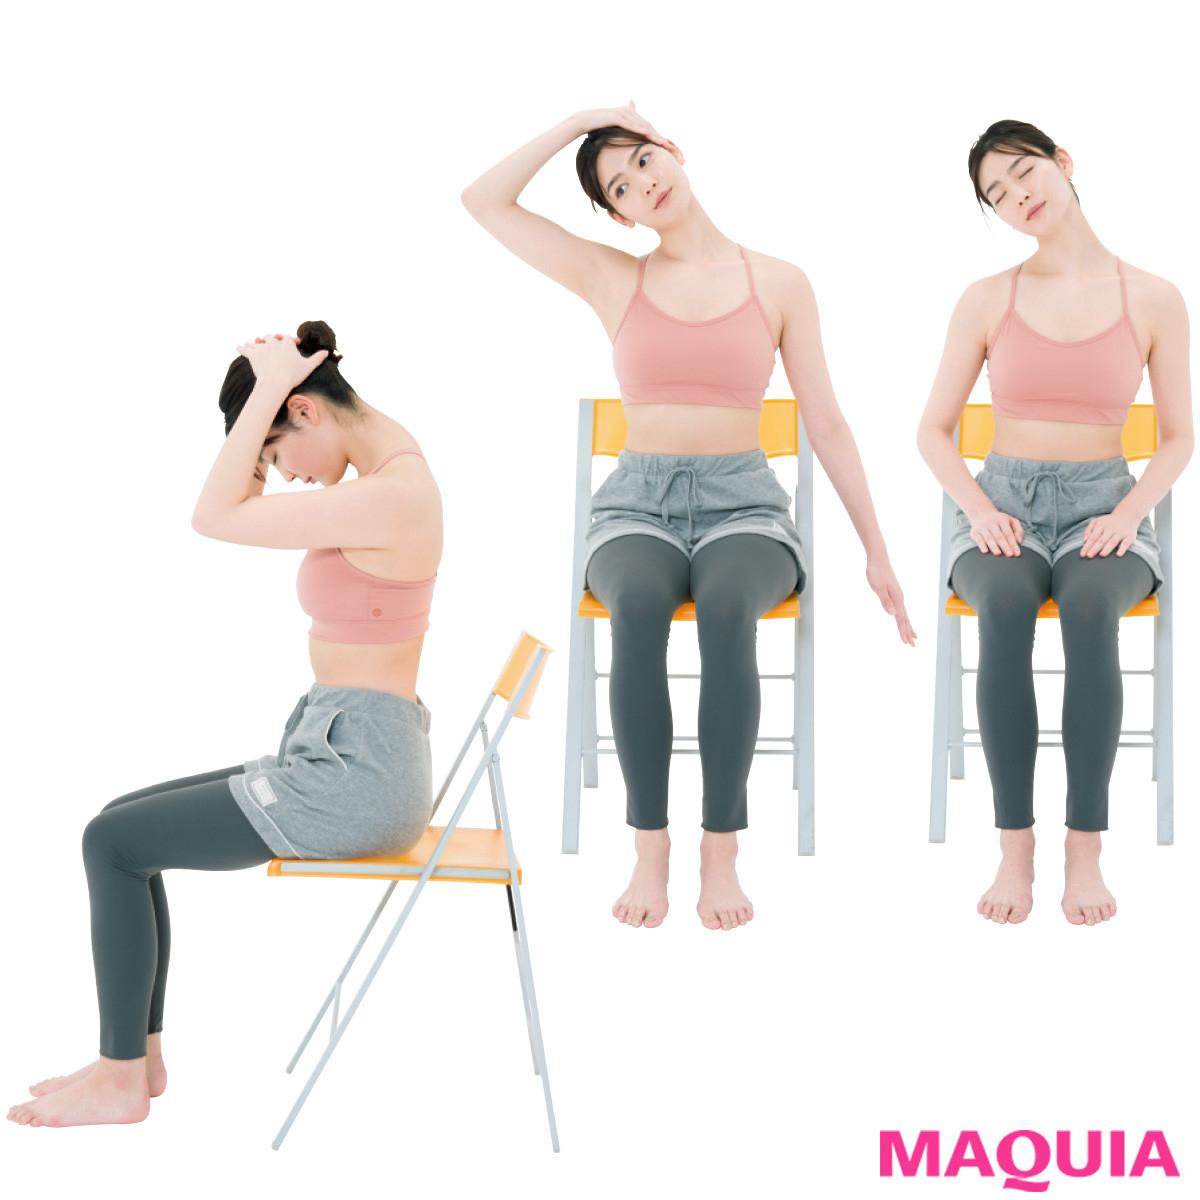 お風呂上がりに! 座って簡単5ステップでできる、首エクササイズ